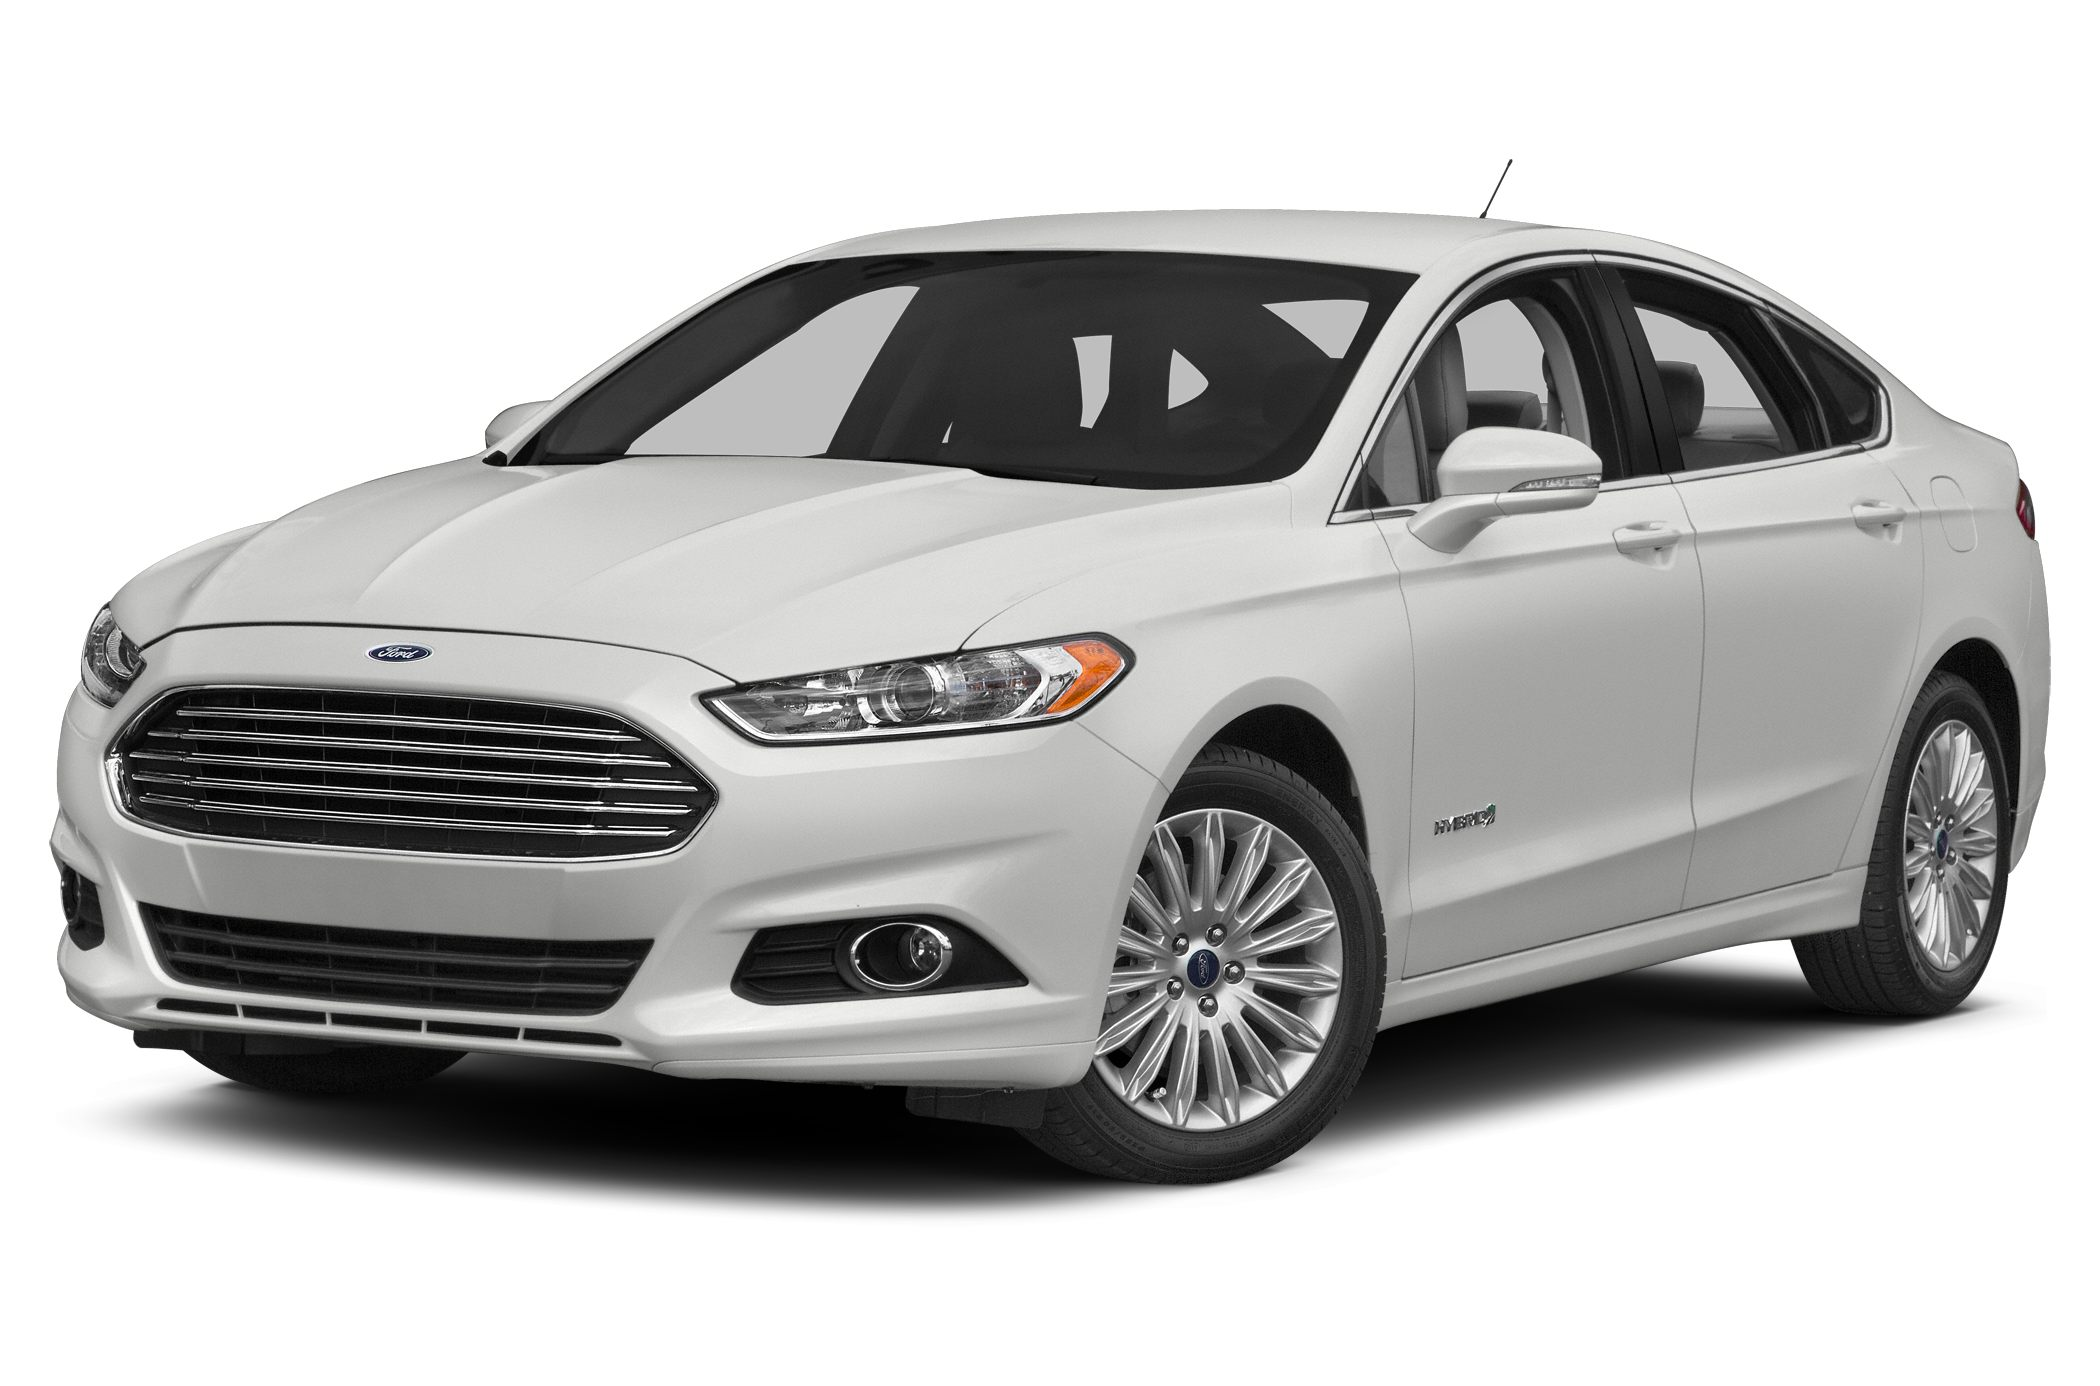 2015 Ford Fusion Hybrid